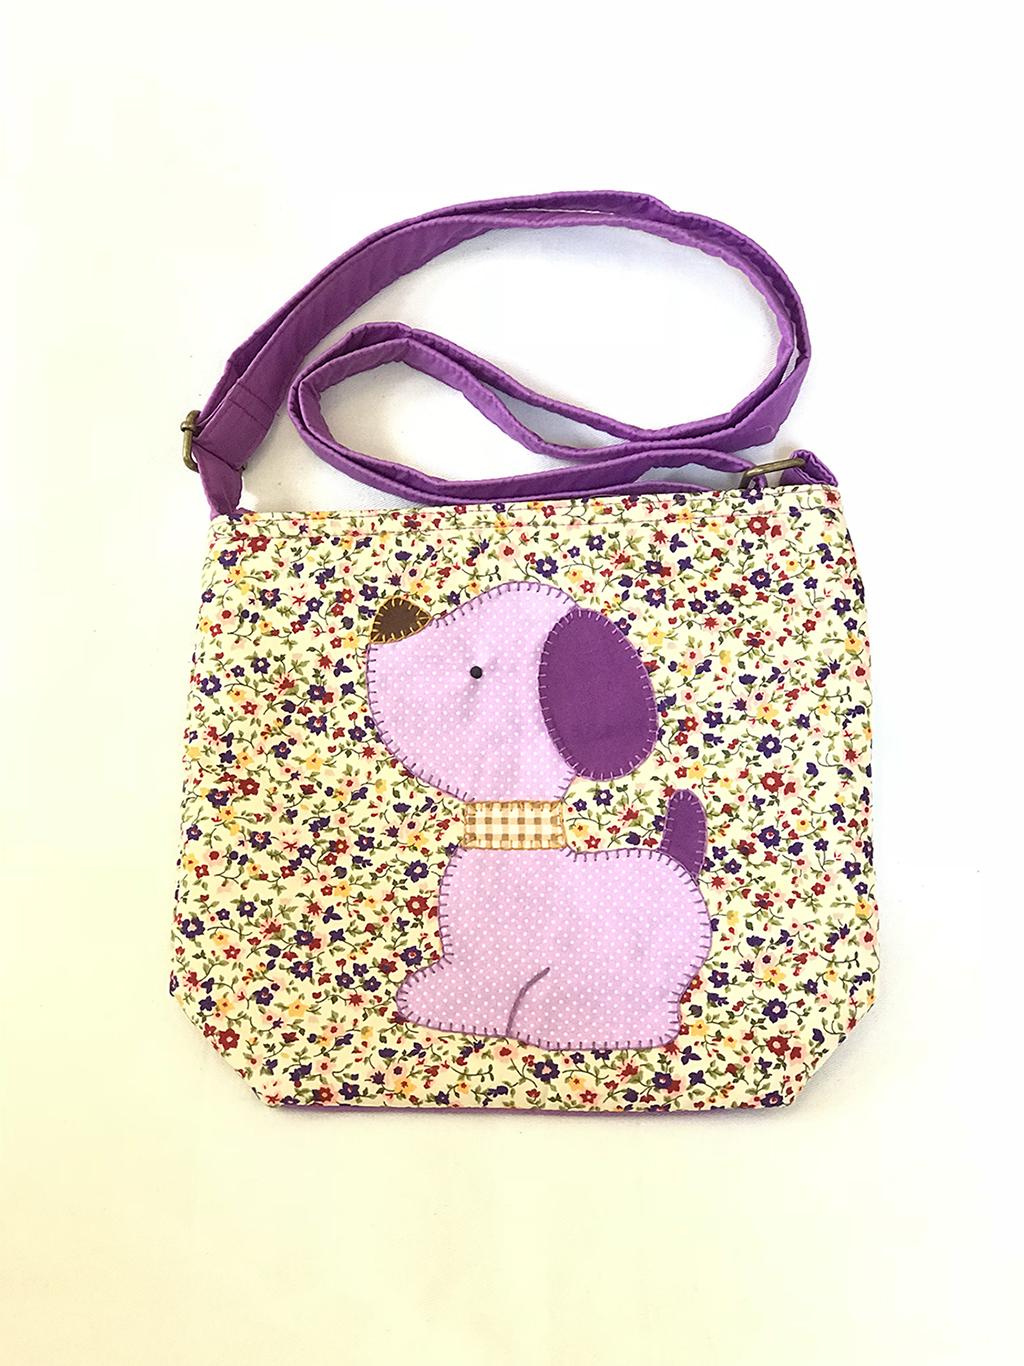 ** พร้อมส่งค่ะ ** กระเป๋าสะพายข้าง ลายหมาน้อย สีม่วง